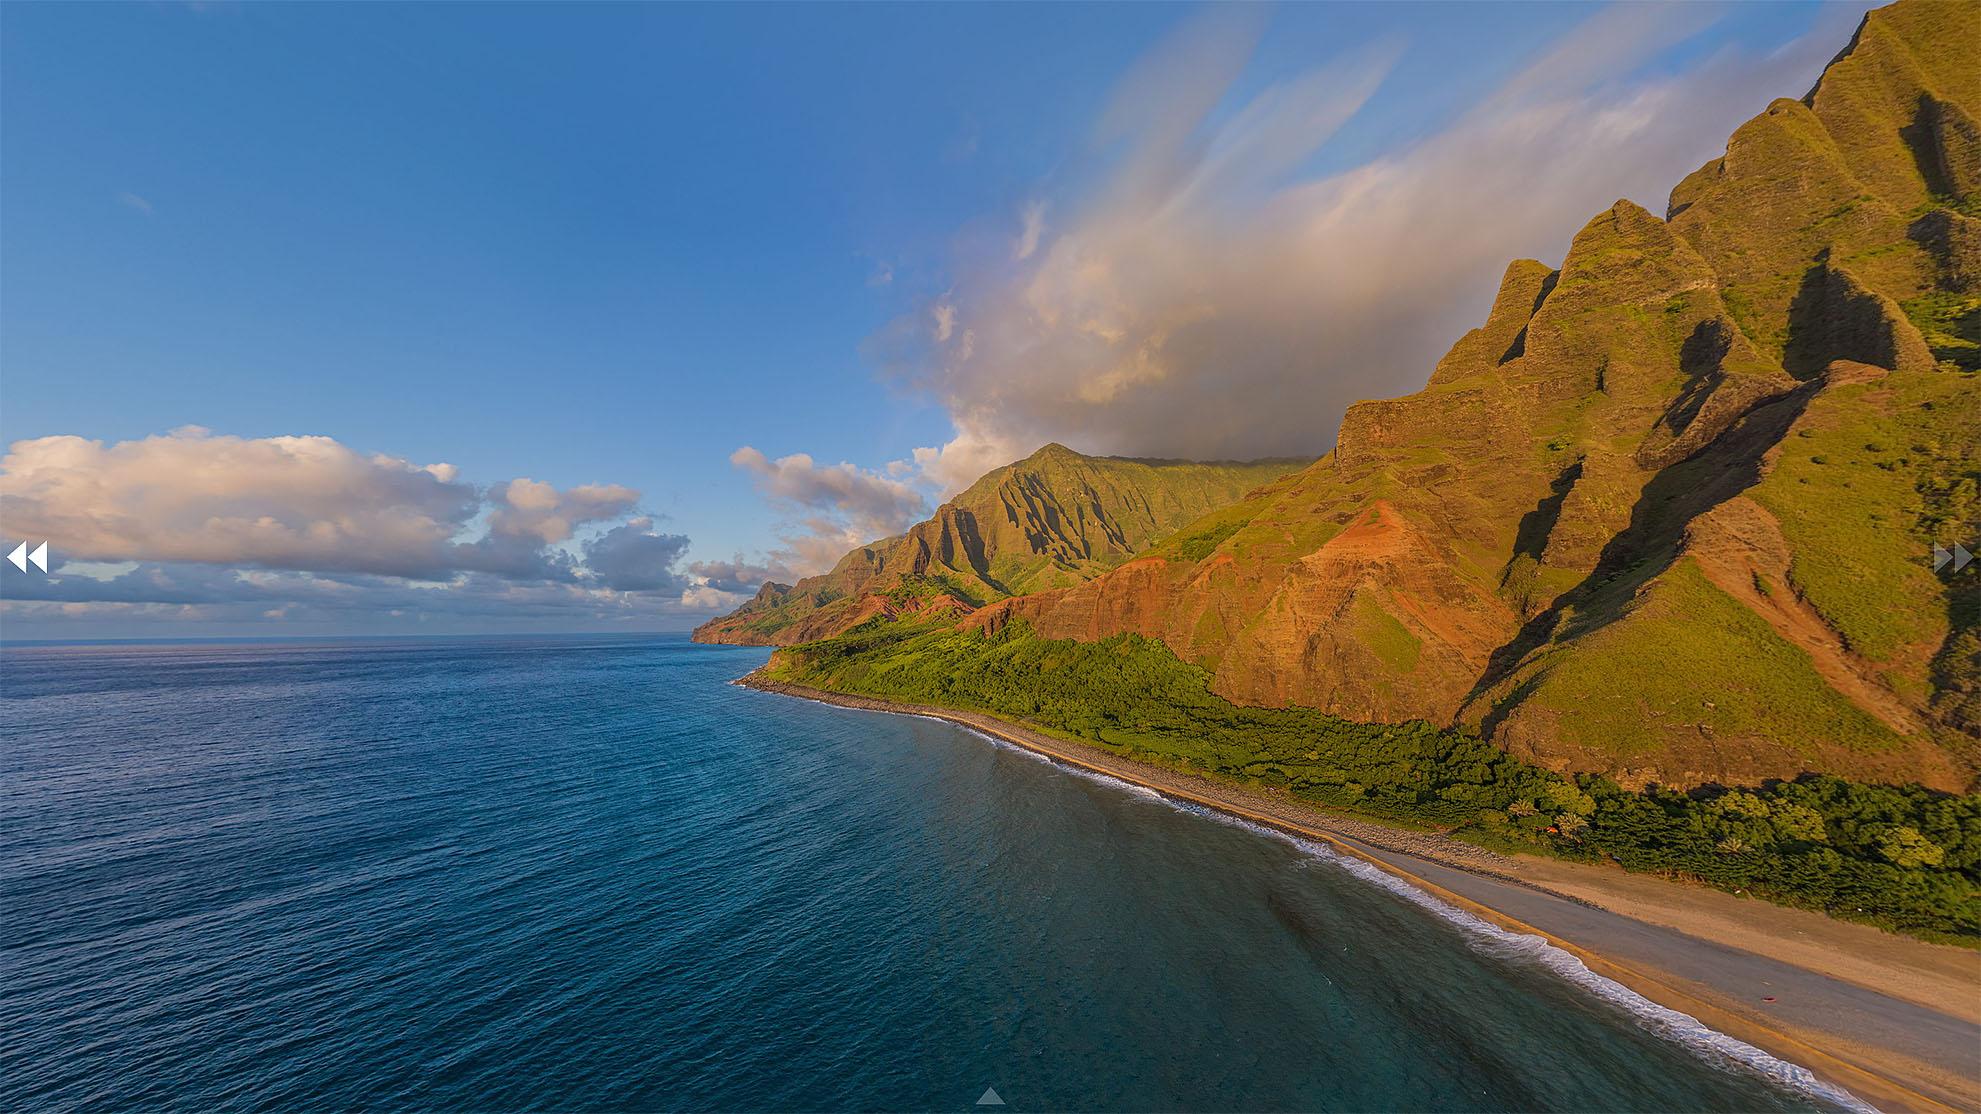 kauai-panorama-wide